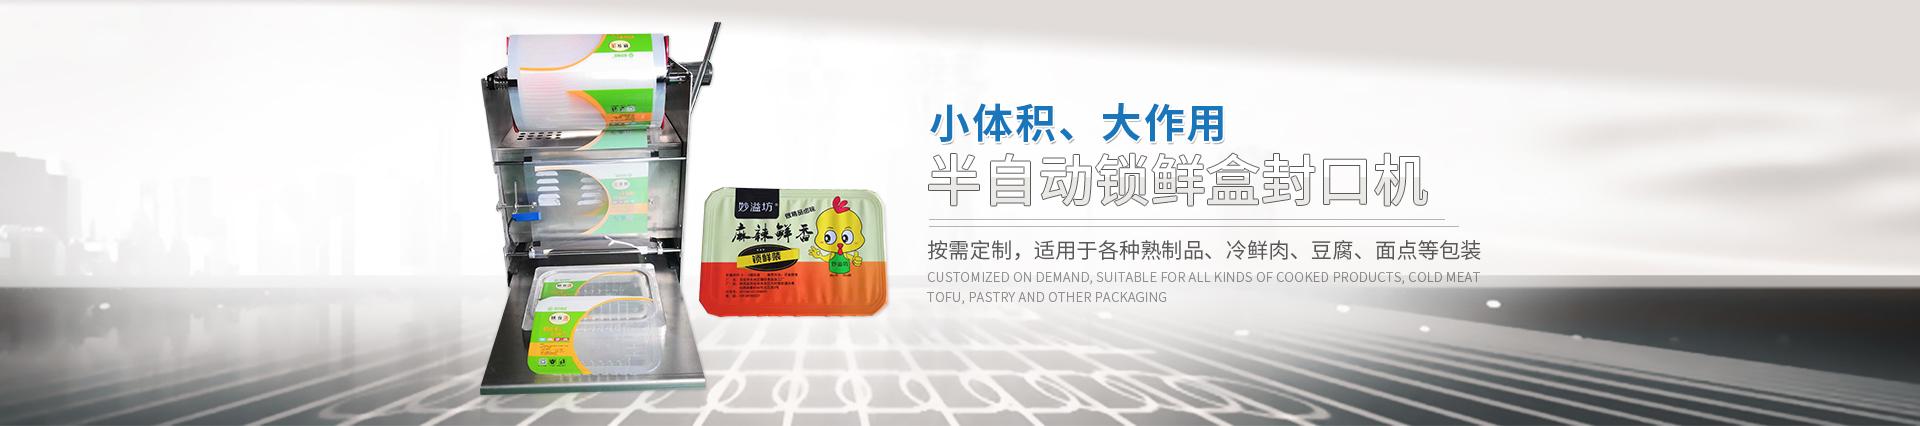 上海充气封口机